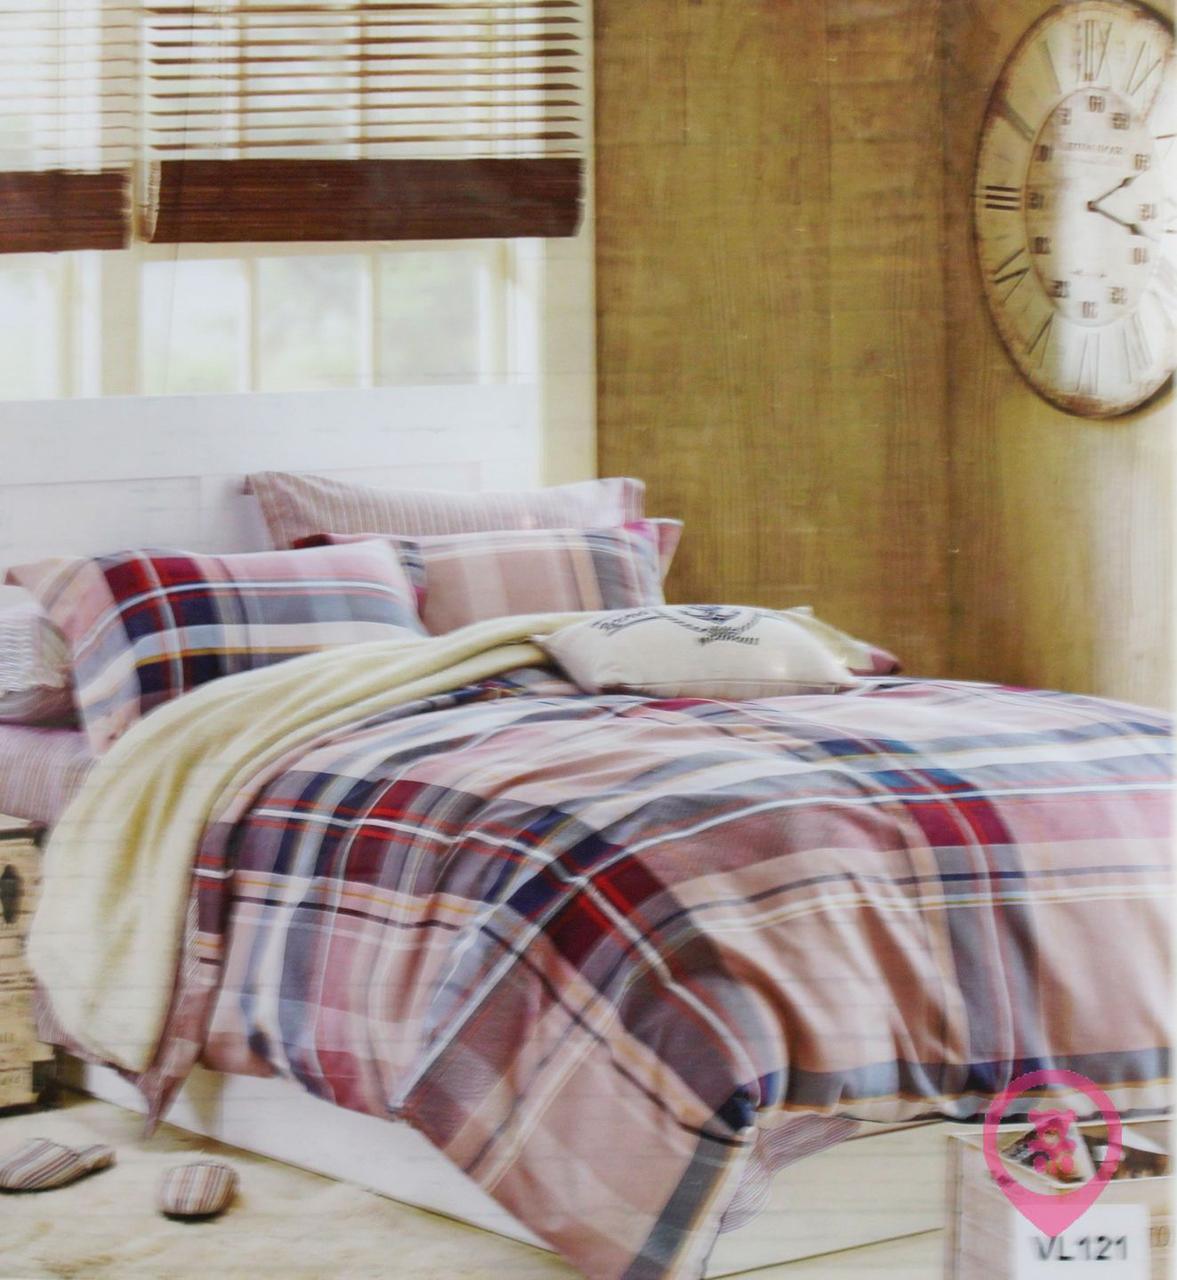 Комплект постельного белья микровелюр Vie Nouvelle Velour 200х220  VL121